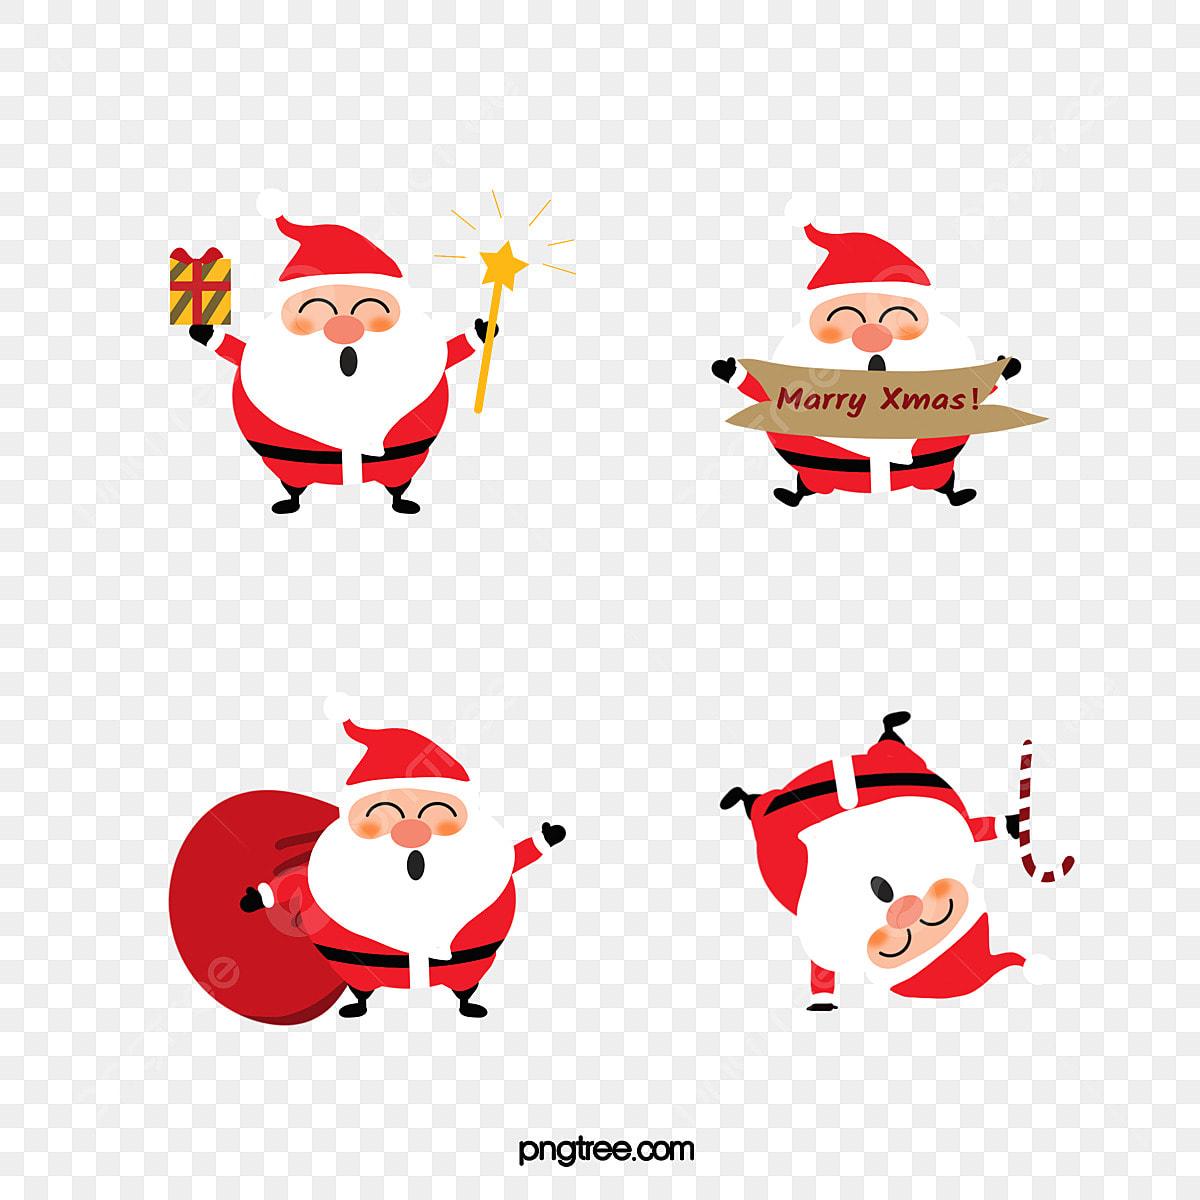 Père Noël sur une planche de bois - Telecharger Vectoriel Gratuit, Clipart  Graphique, Vecteur Dessins et Pictogramme Gratuit